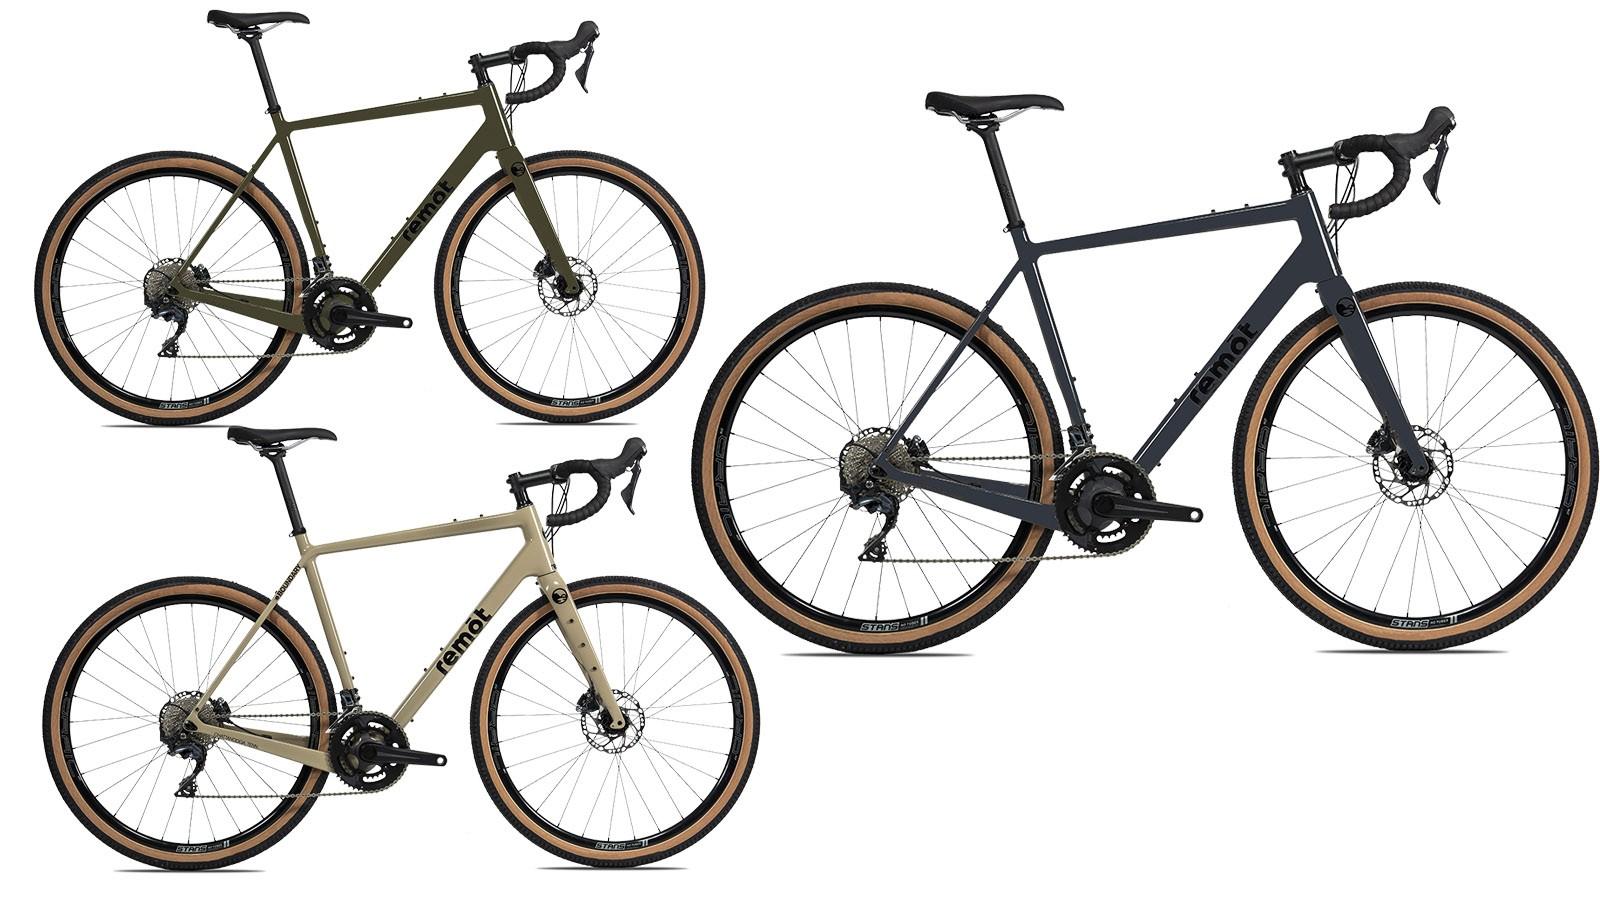 Remot's Boundary Gravel bike